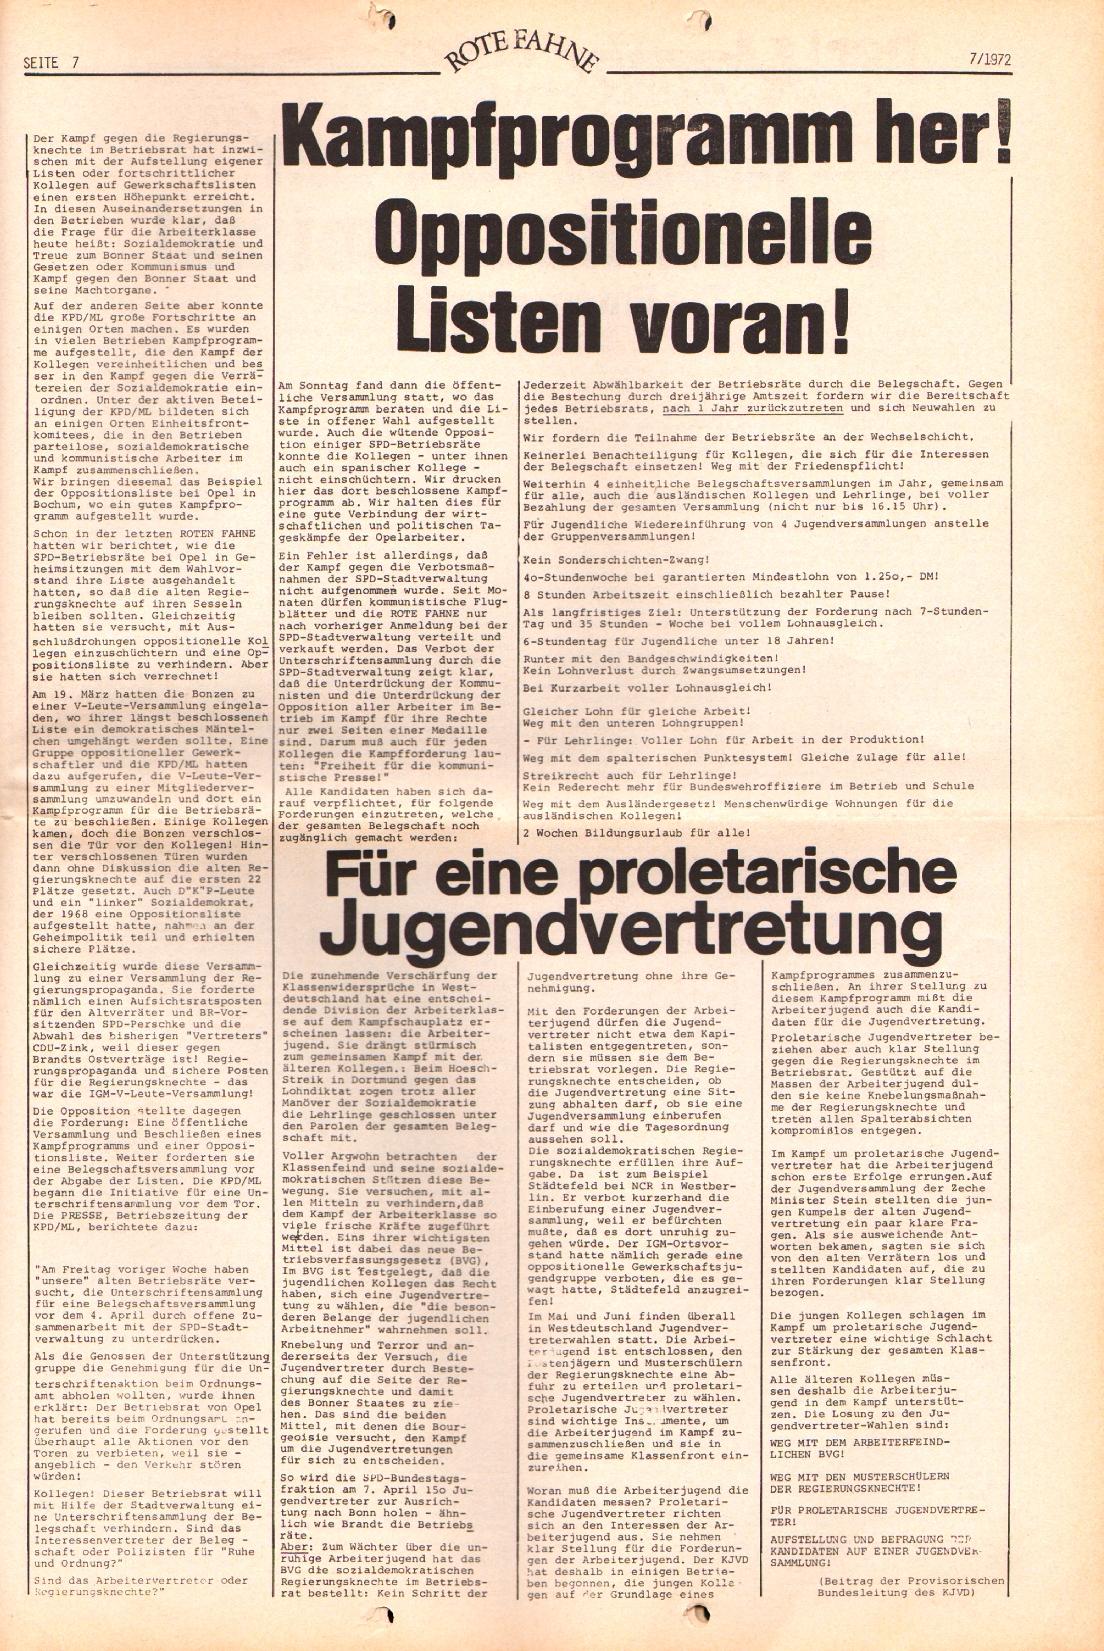 Rote Fahne, 3. Jg., 3.4.1972, Nr. 7, Seite 7